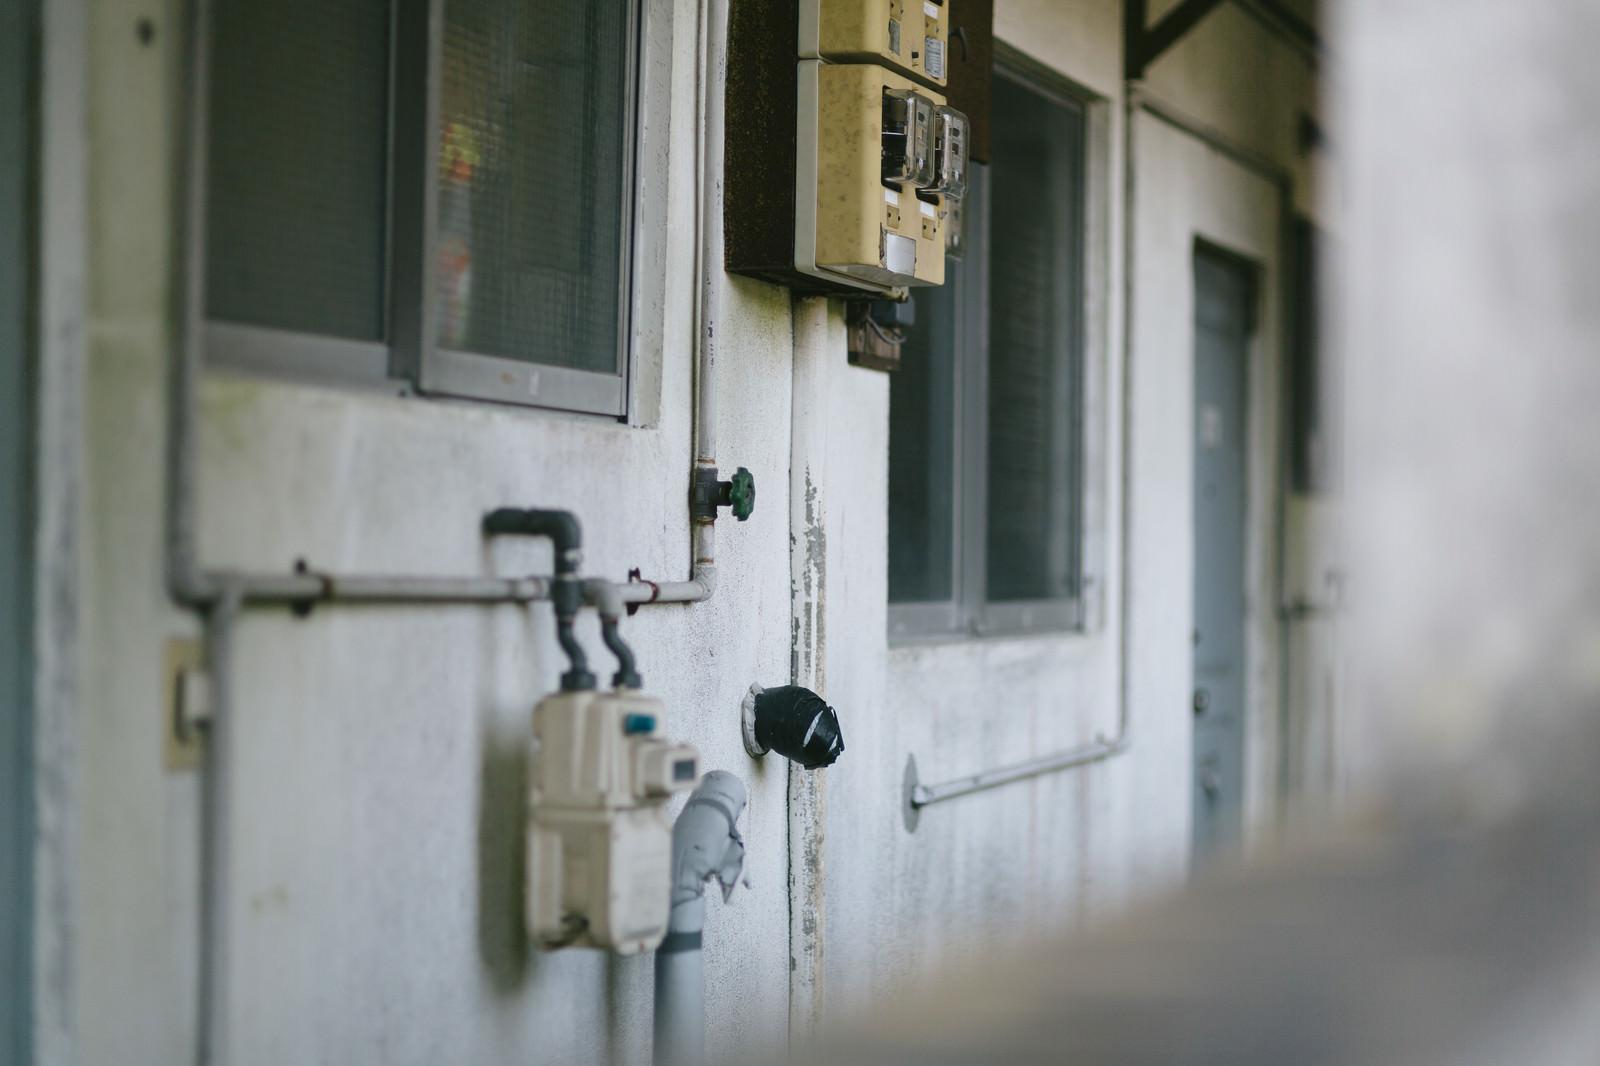 「住民がいなくなった社宅住民がいなくなった社宅」のフリー写真素材を拡大